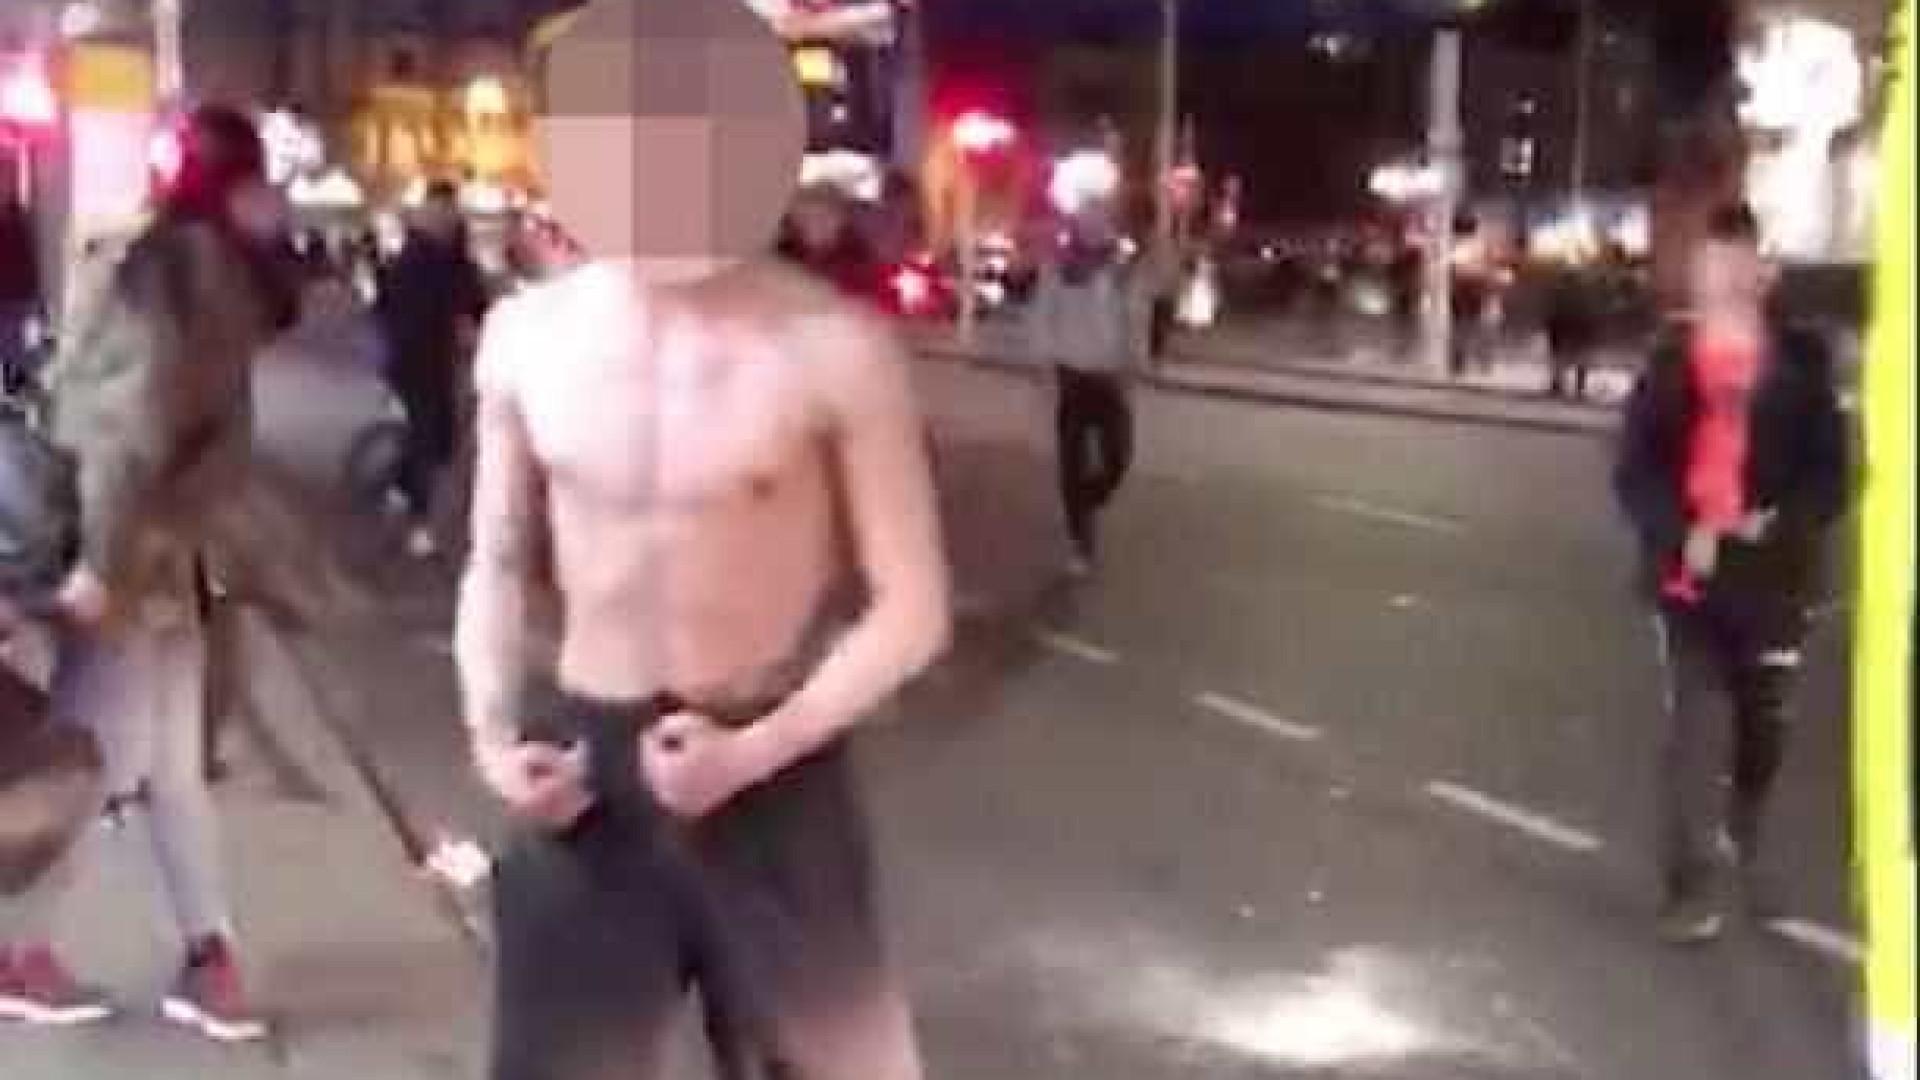 Entregadores brasileiros são agredidos durante o trabalho na Irlanda